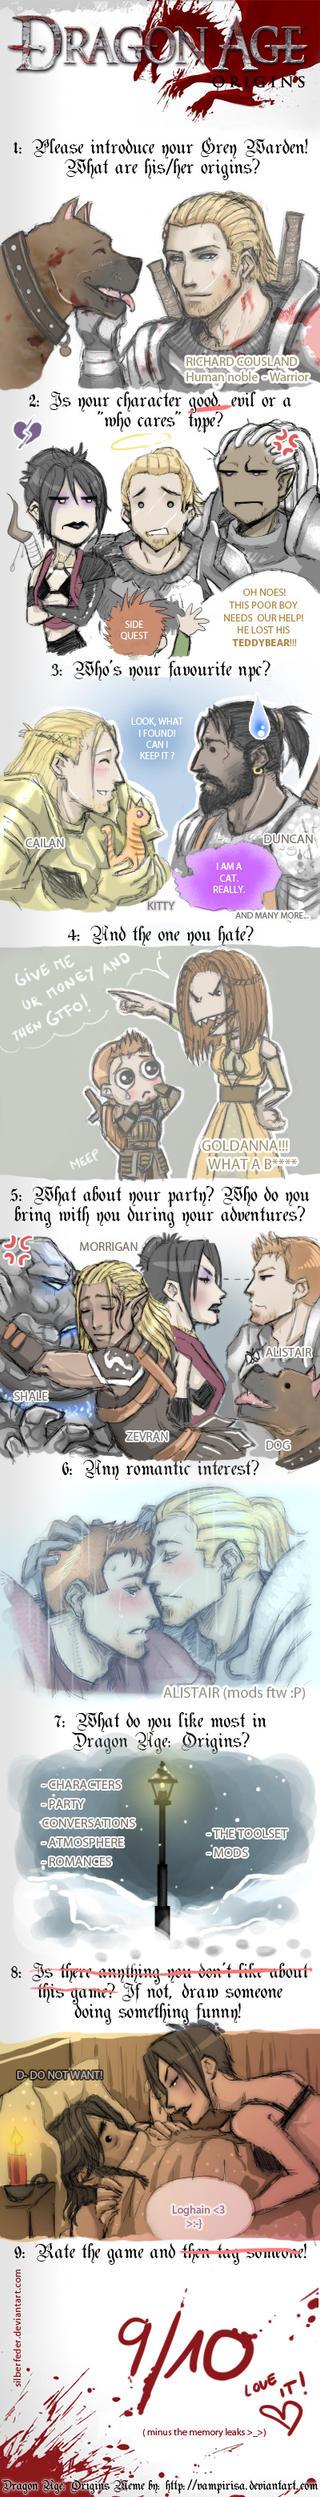 Dragon Age Meme by Silberfeder